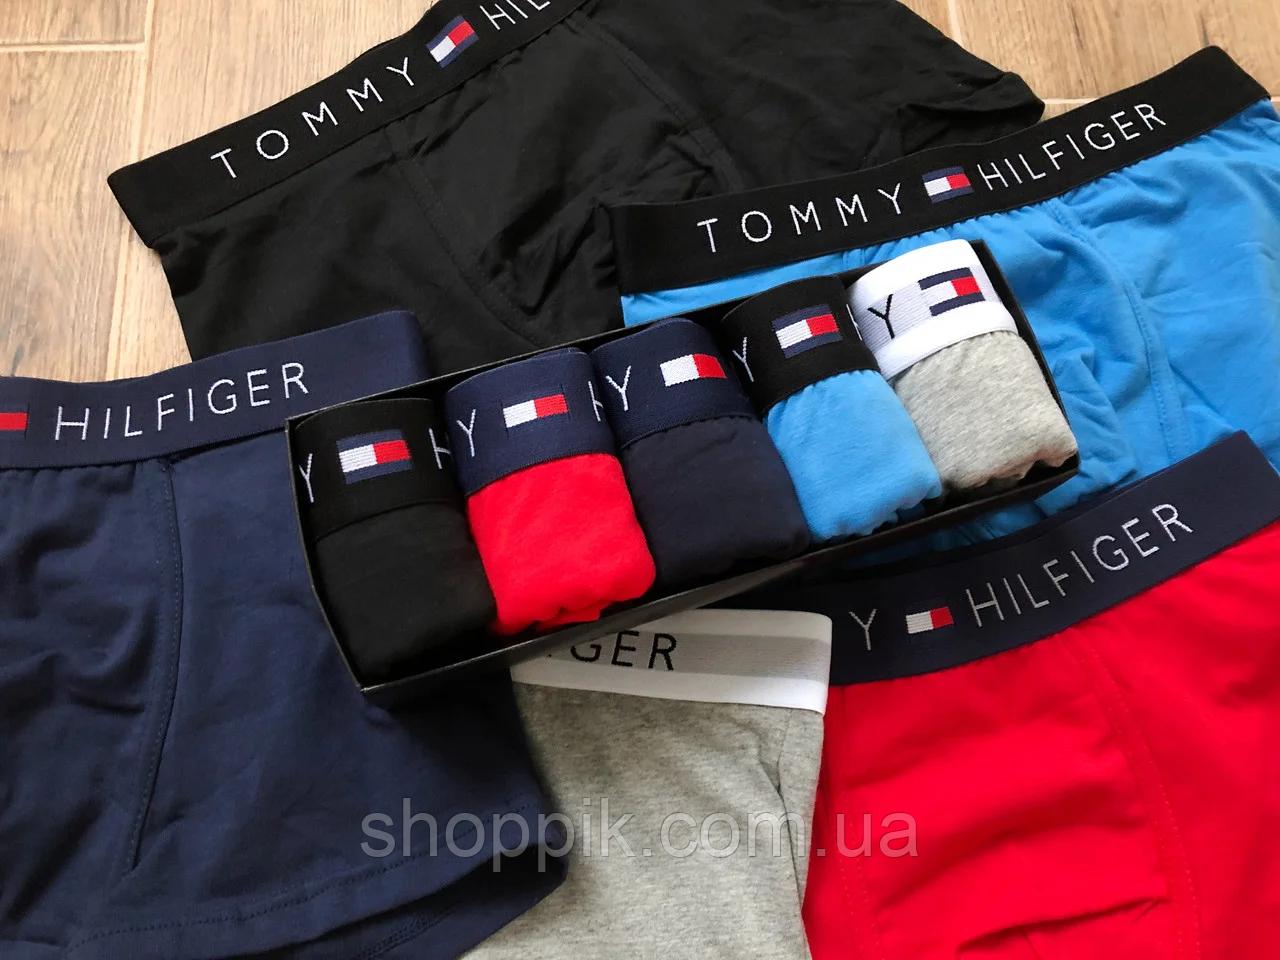 Комплект мужских трусов Tommy Hilfiger 5 штук